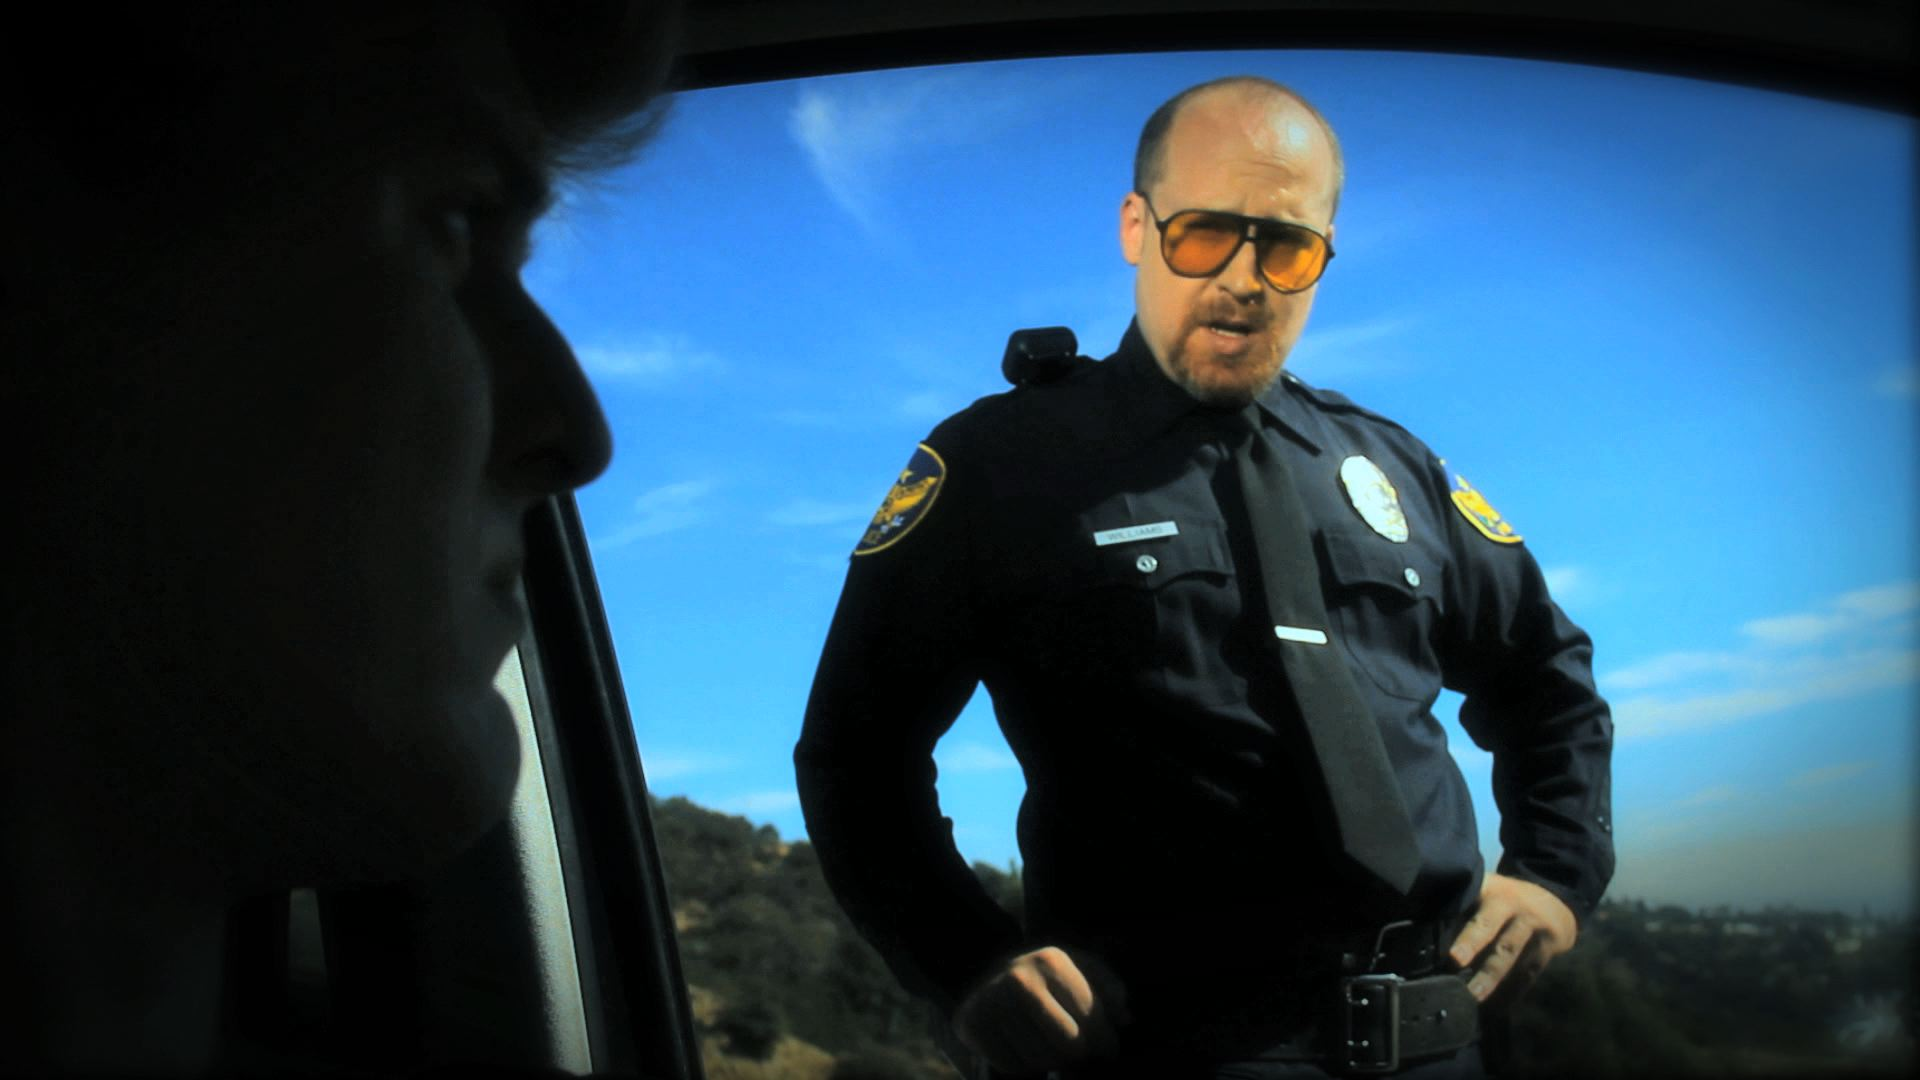 doritos_cops_policeman2.jpg